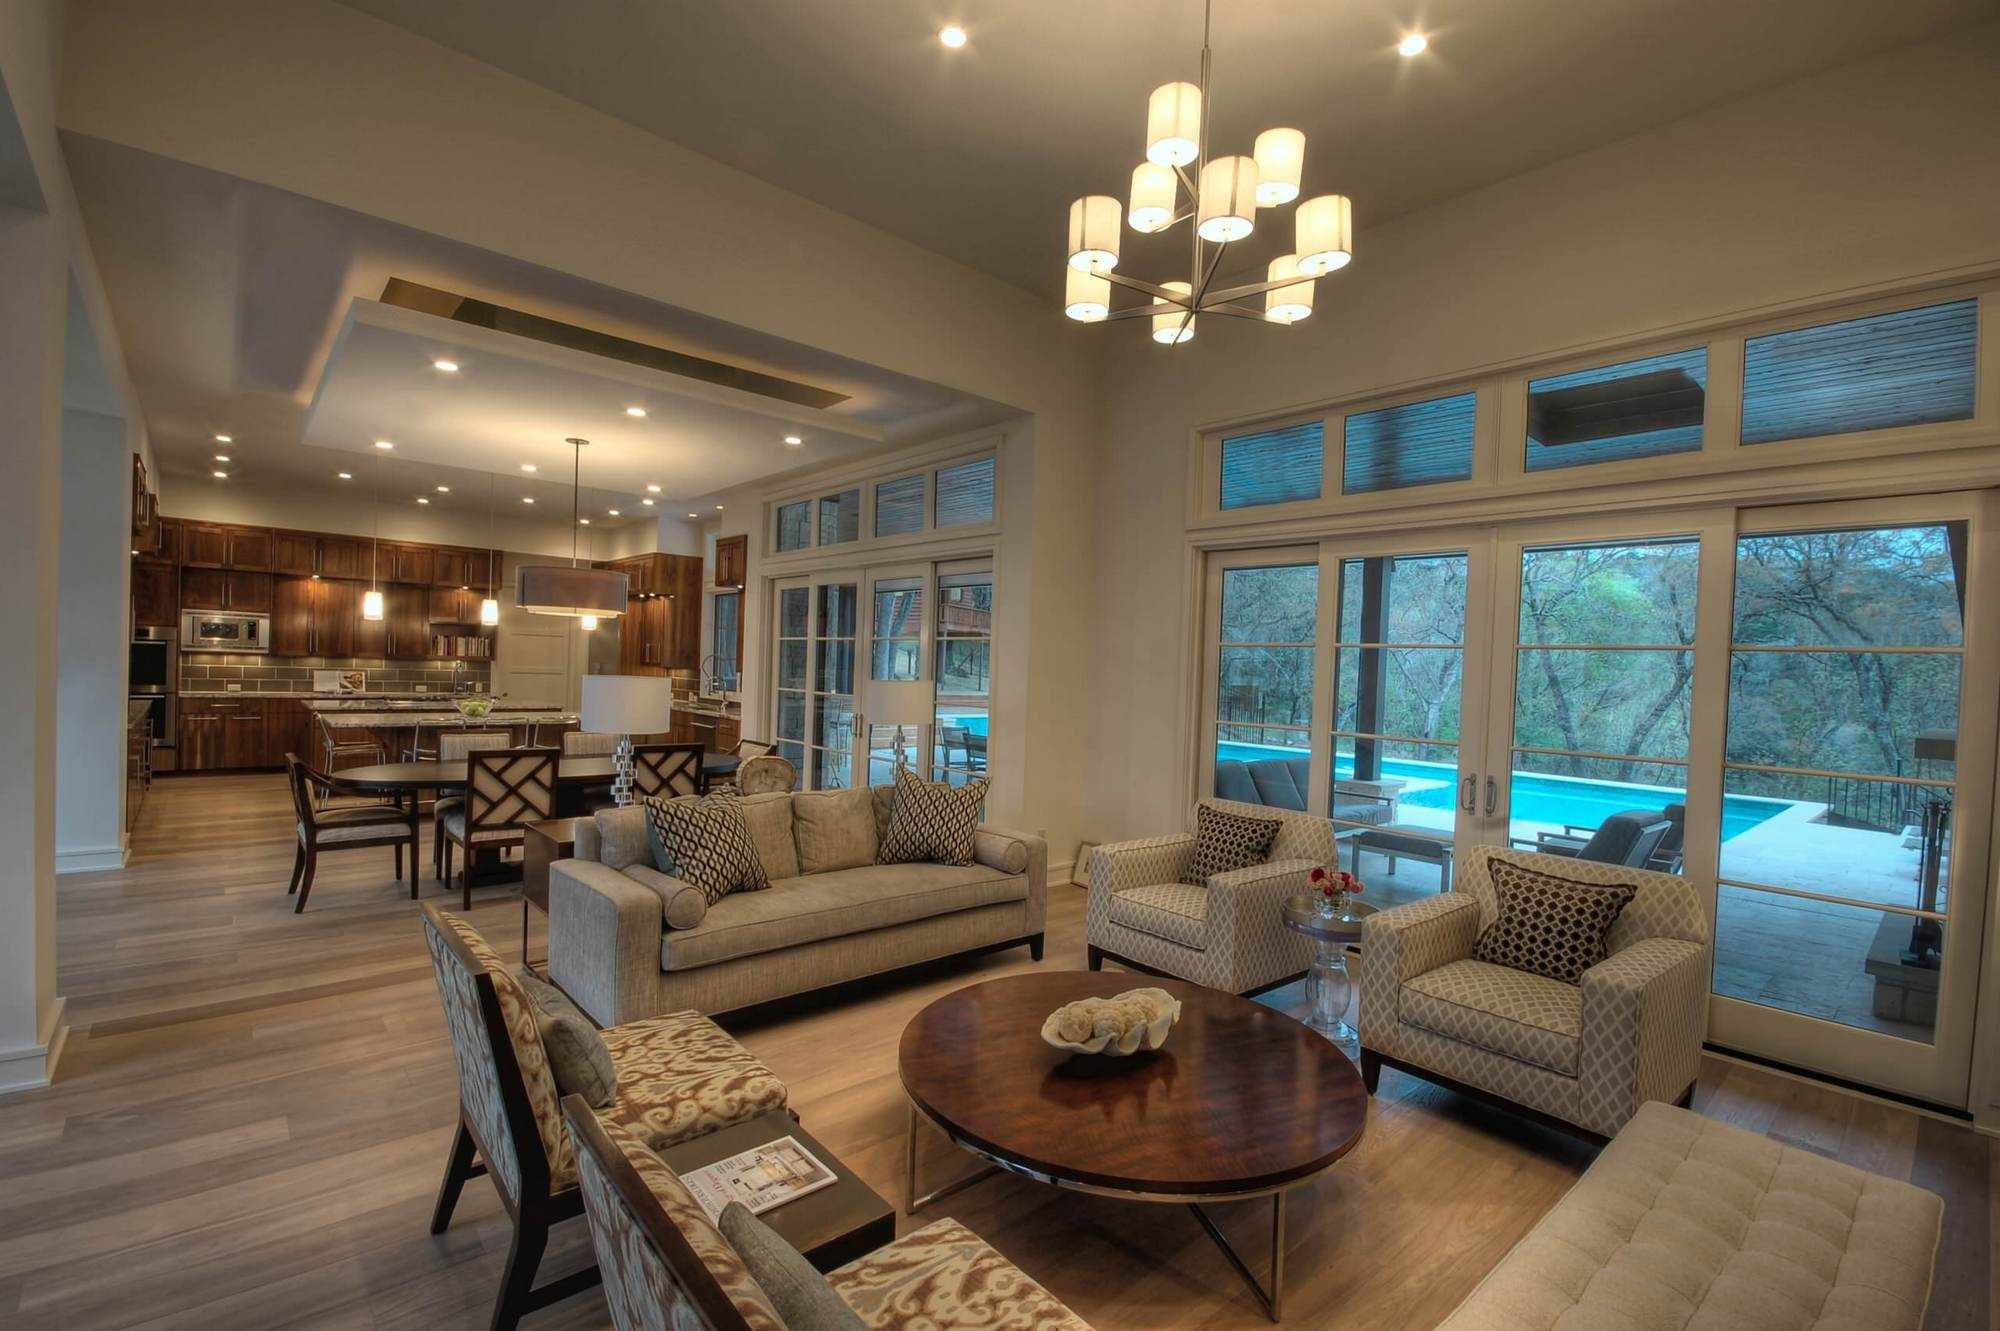 Комната с зонами кухни, столовой и гостиной